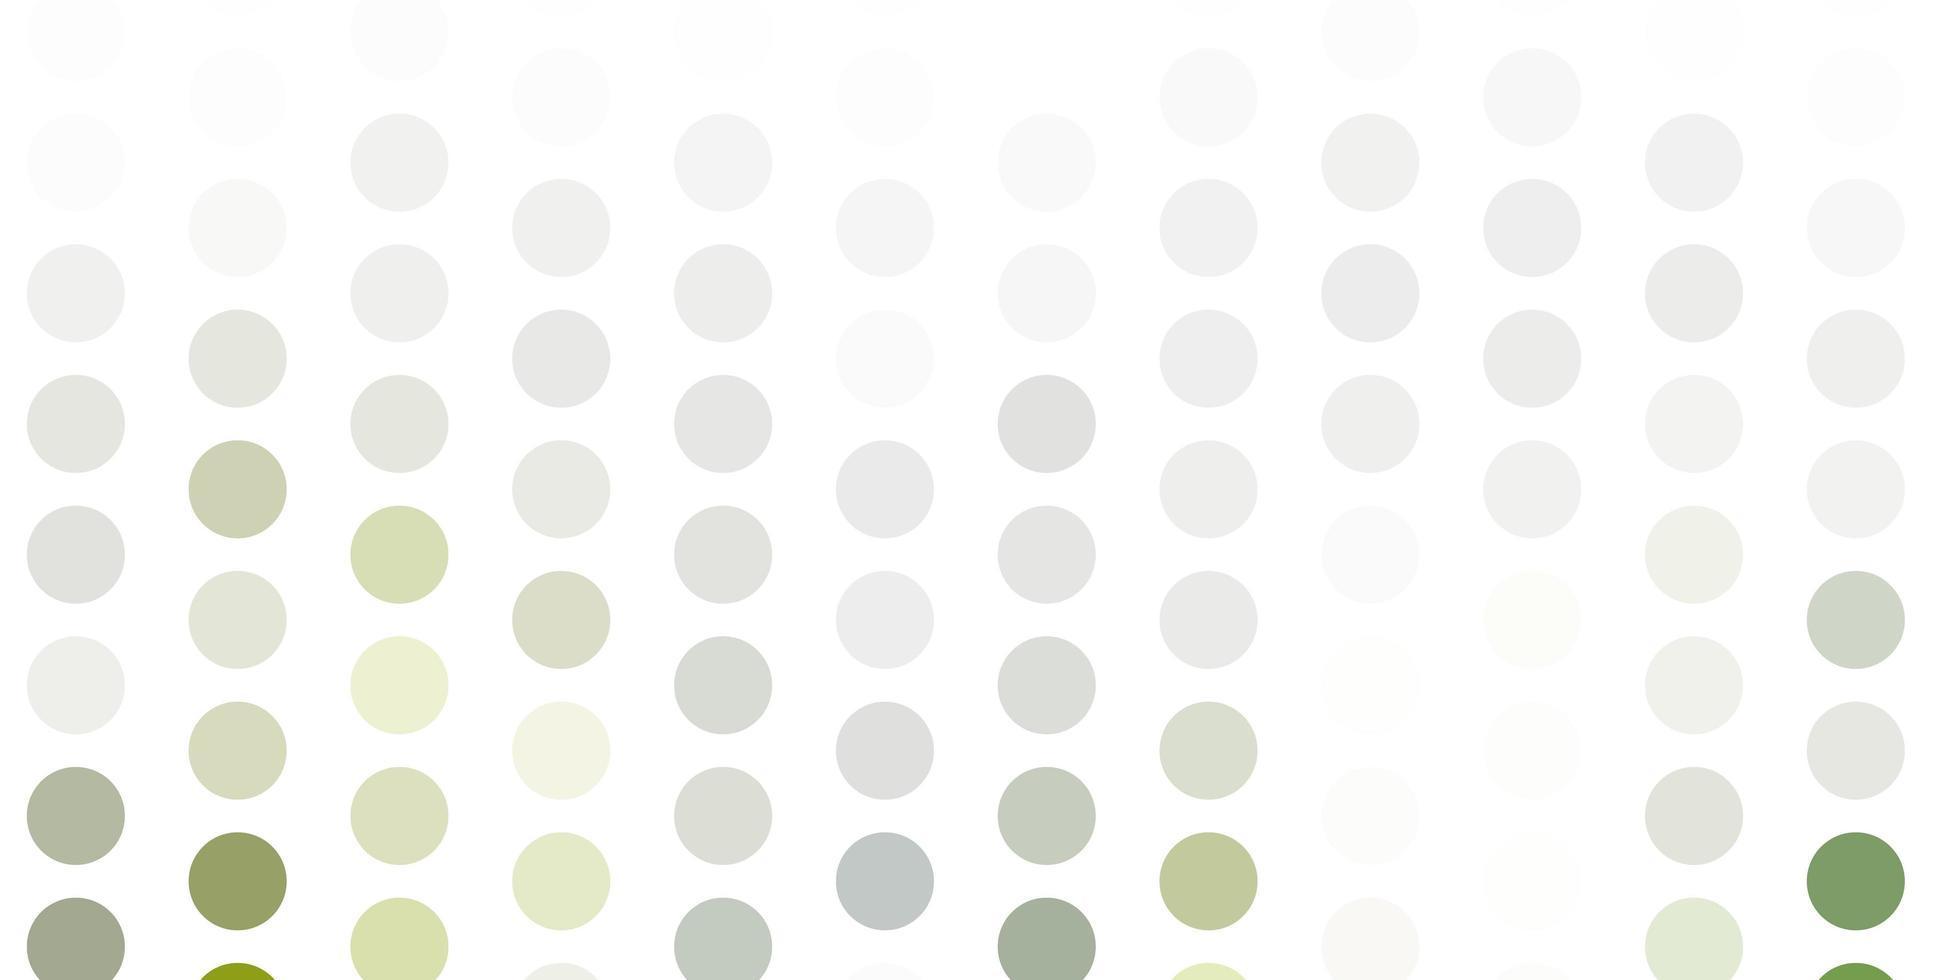 hellgraue Vektorschablone mit Kreisen. vektor